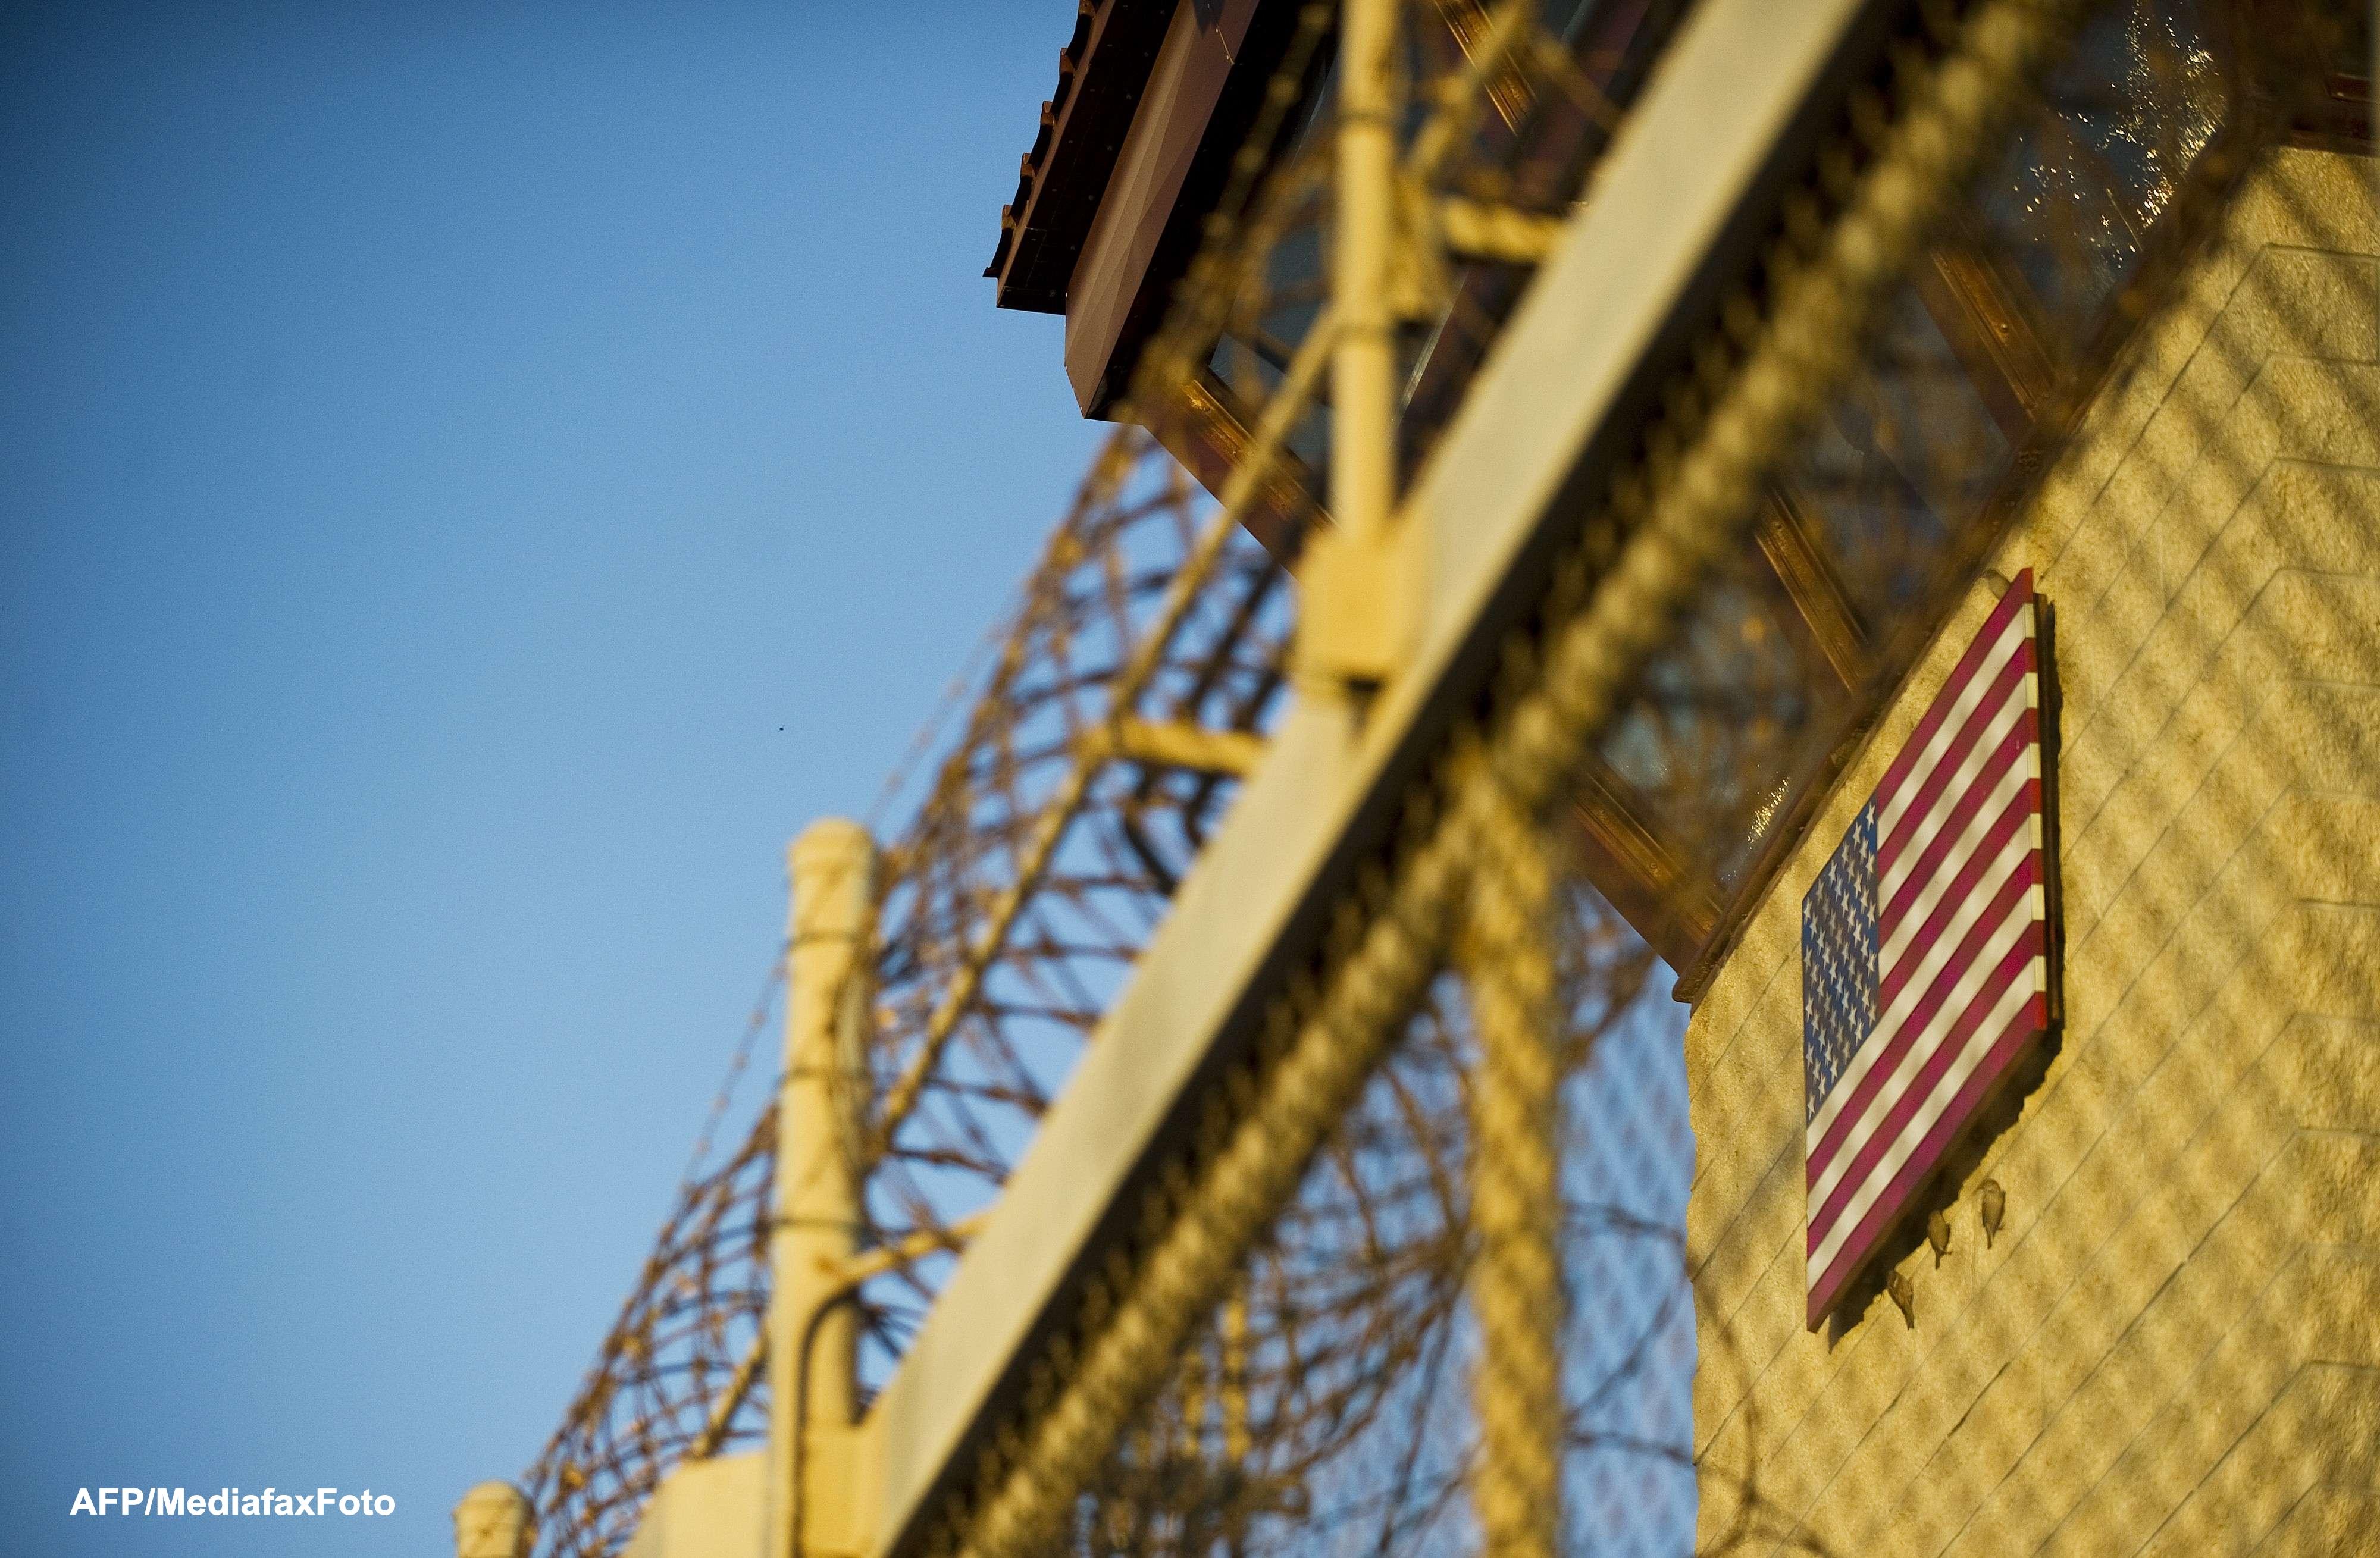 Studiu: La fiecare 25 de condamnati la moarte, unul este probabil nevinovat. Rezultatele pun Statele Unite cu spatele la zid